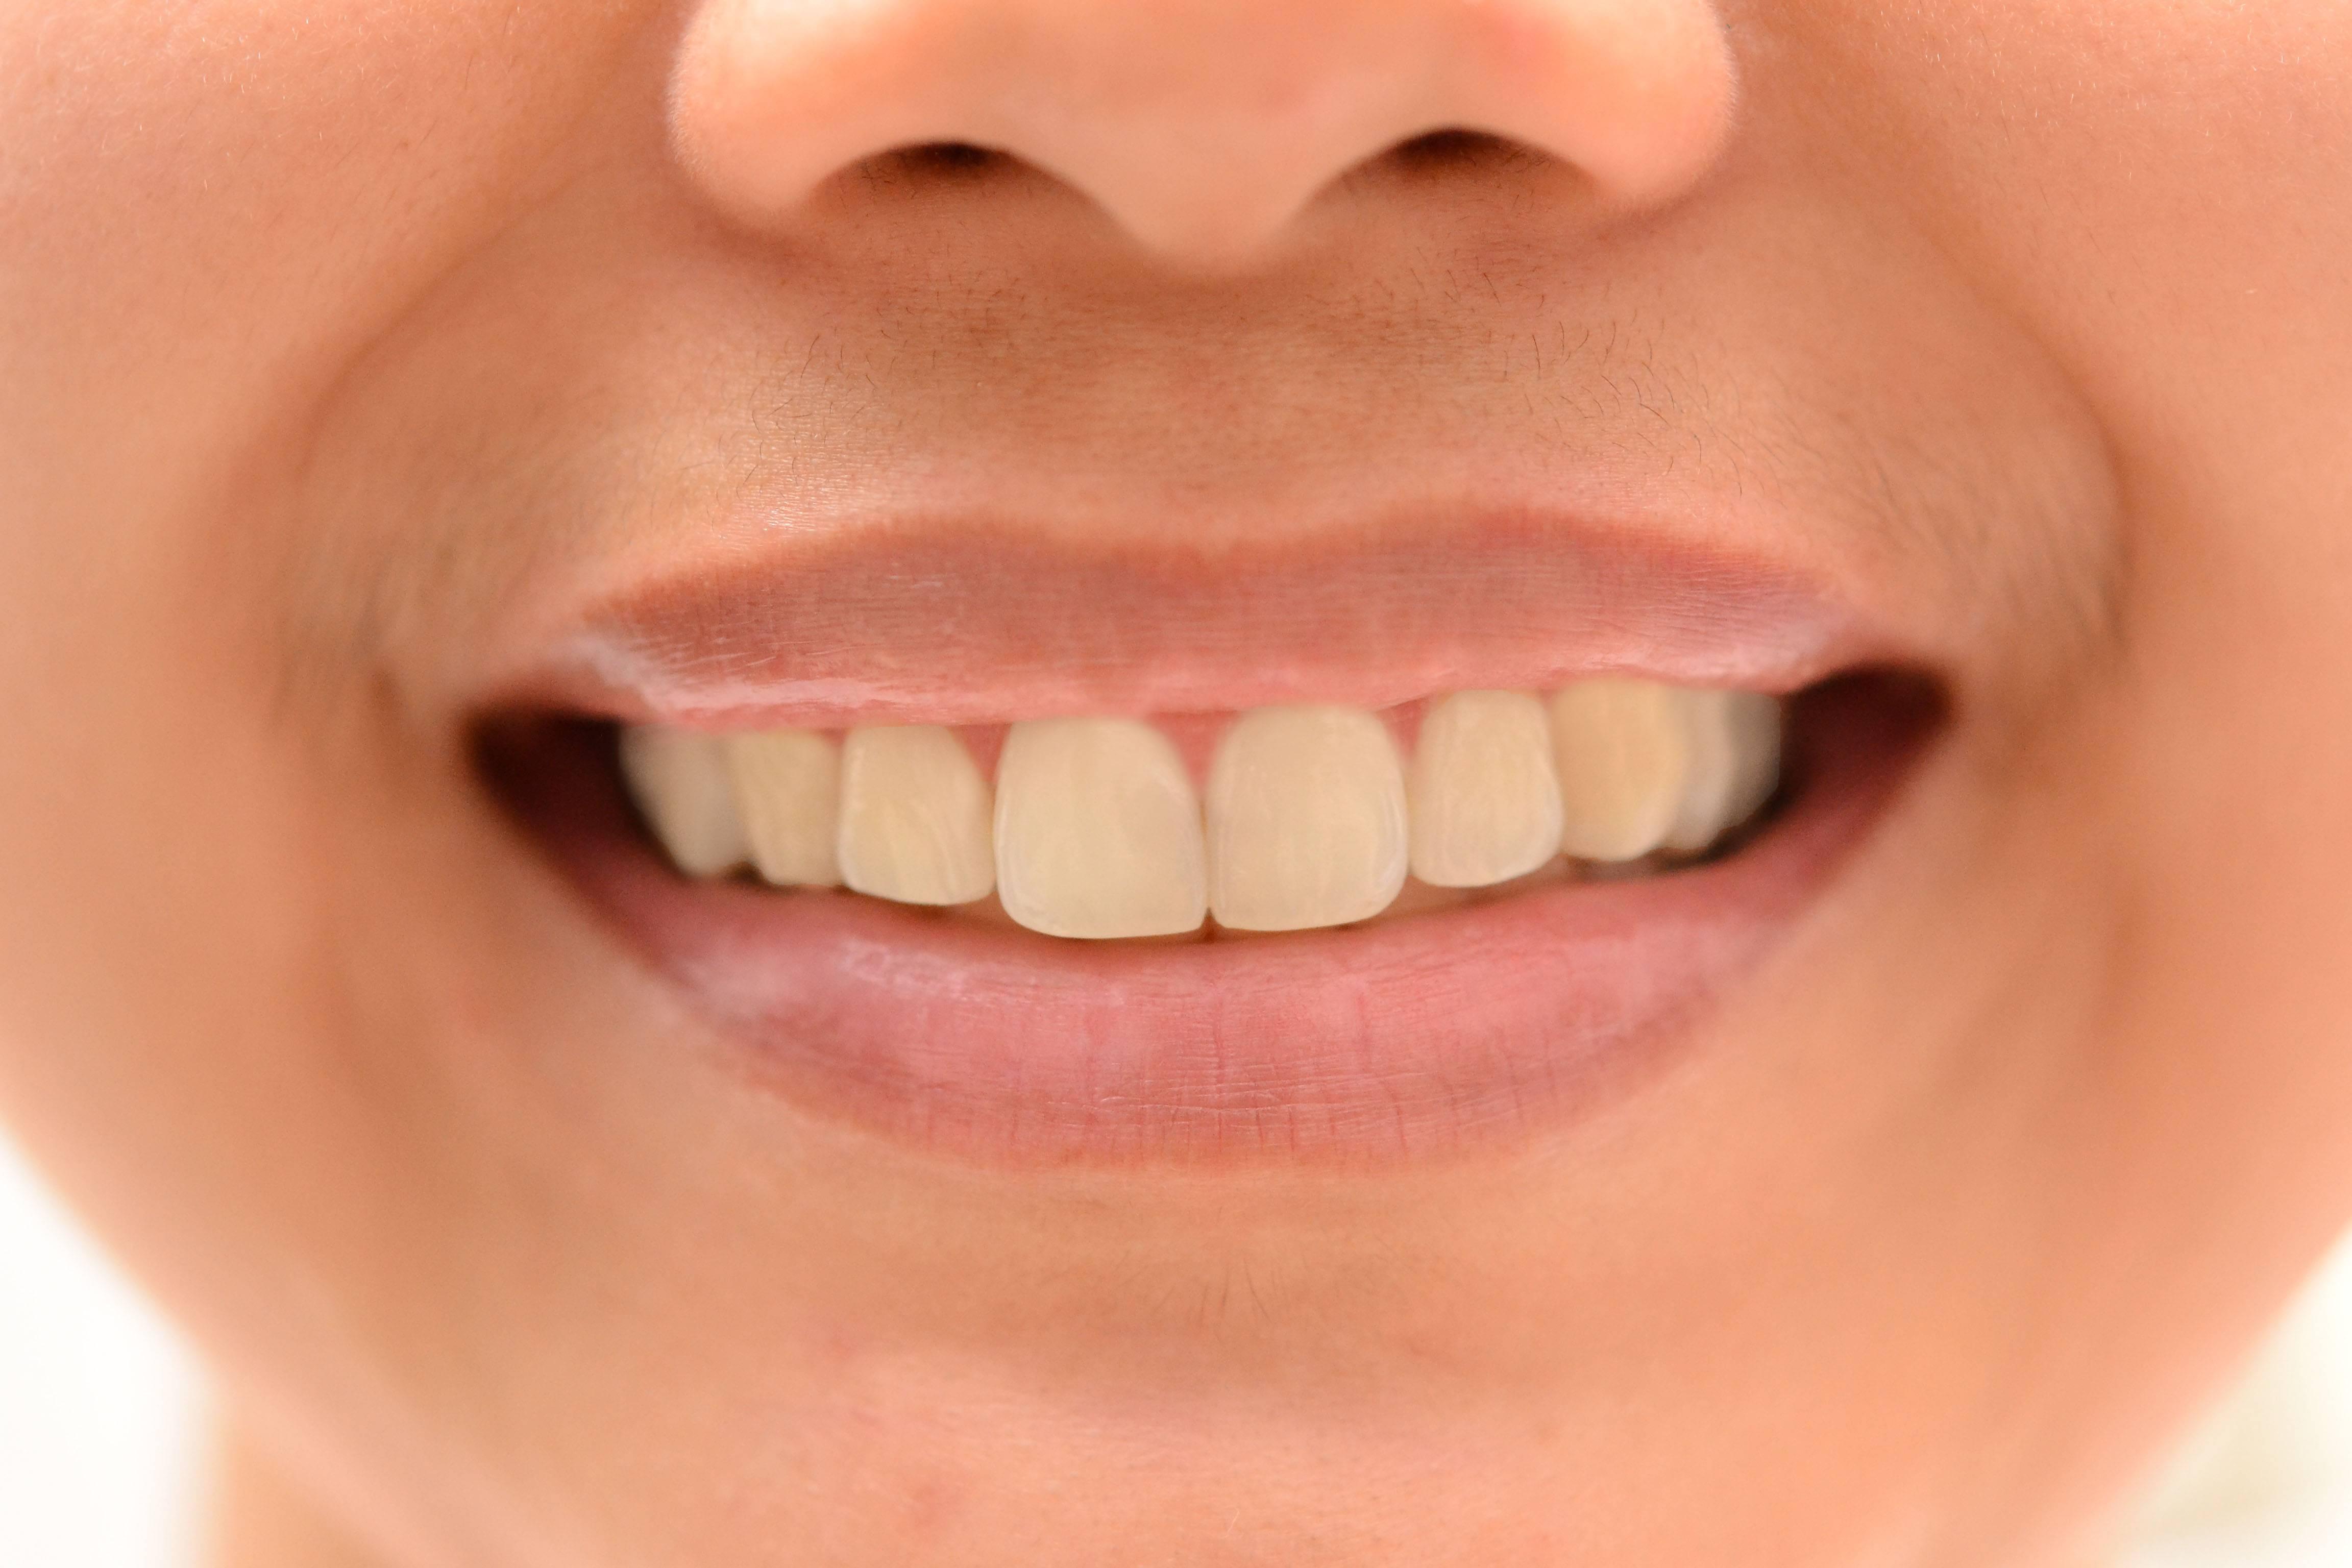 Почему появляется желтый налет на зубах и как от него избавиться?